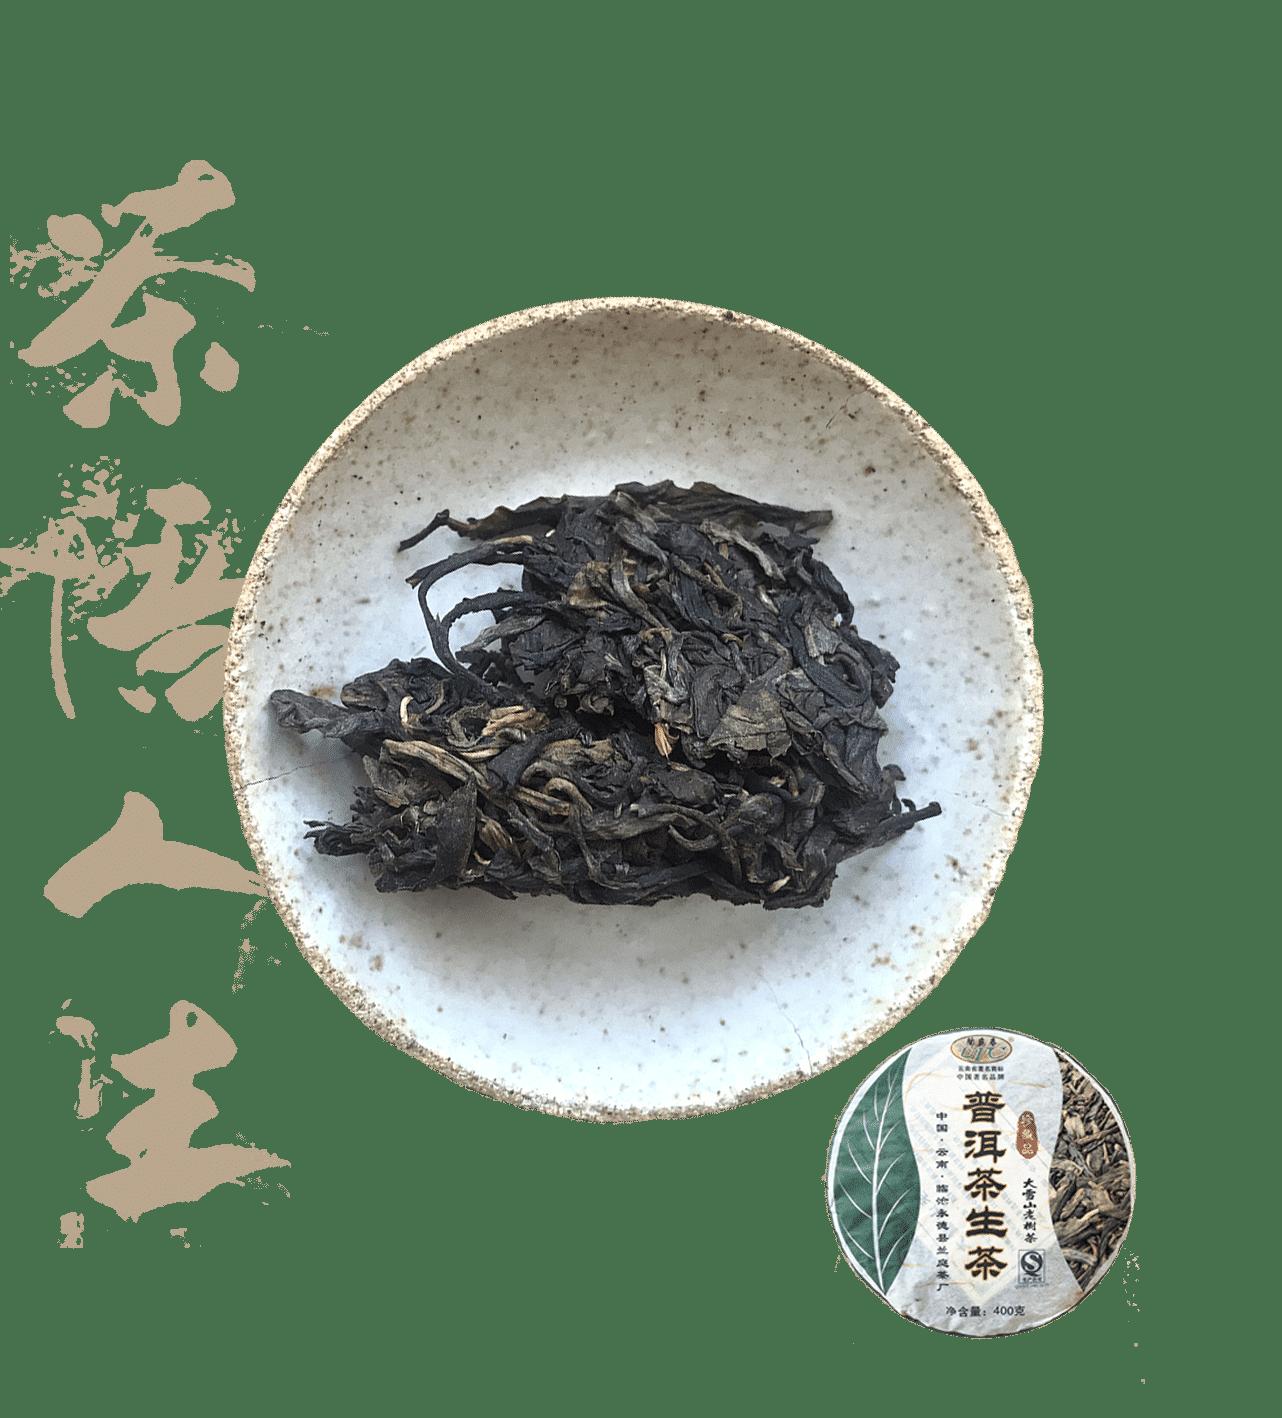 Ltc da xue laoshu est un thé pu erh cru sheng du yunnan